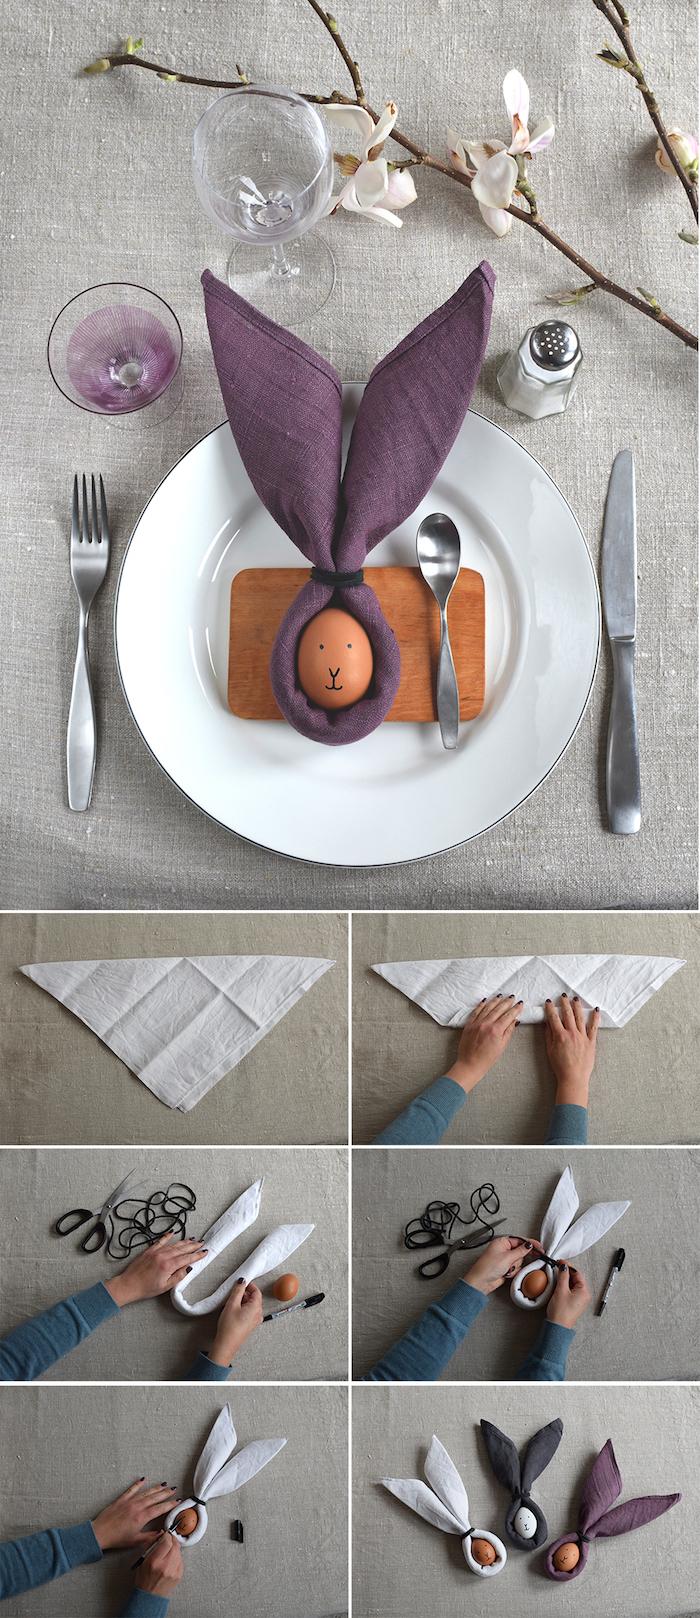 modele pliage serviette paques original avec un oeuf au centre d une serviette de tissu violet, blanc et gris foncé